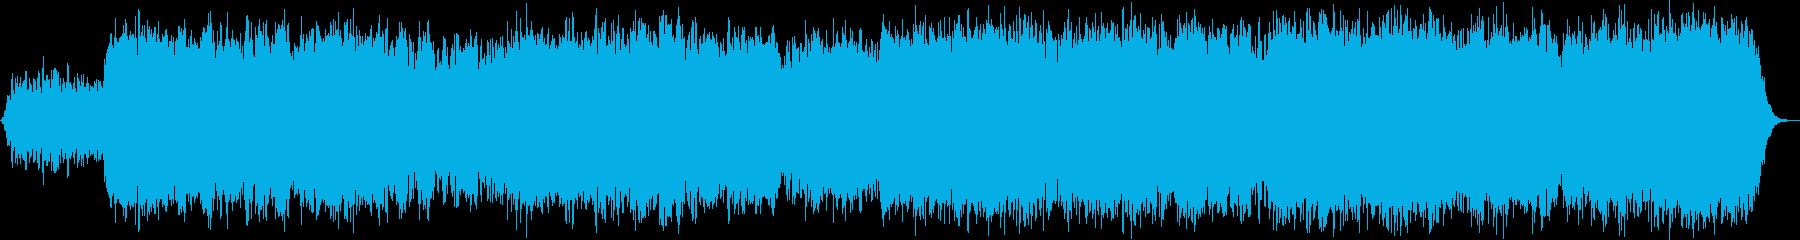 ヨガ、快眠等に適したドローンアンビエントの再生済みの波形